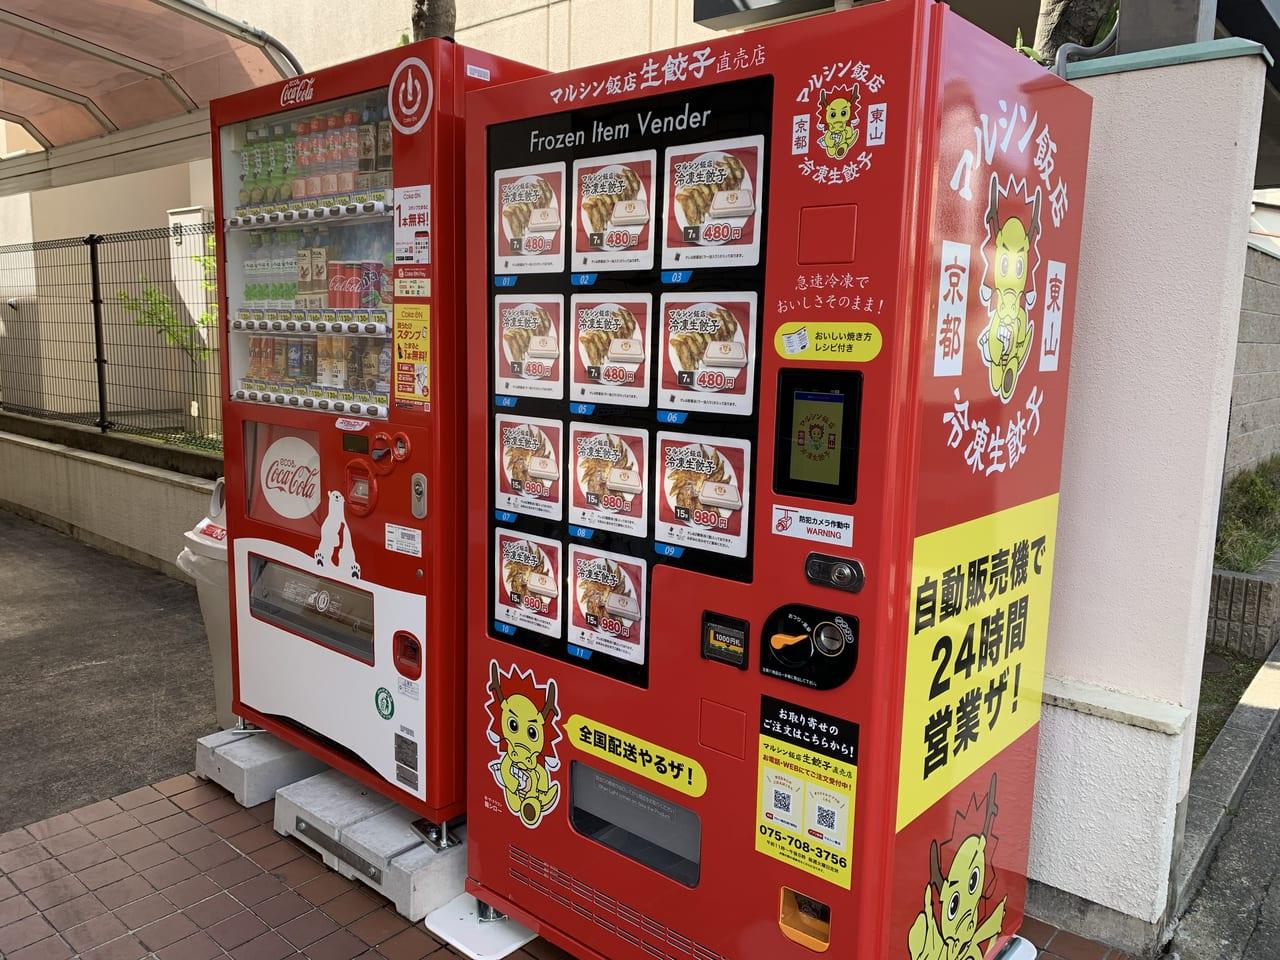 京都市内初のマルシン飯店冷凍餃子の自動販売機